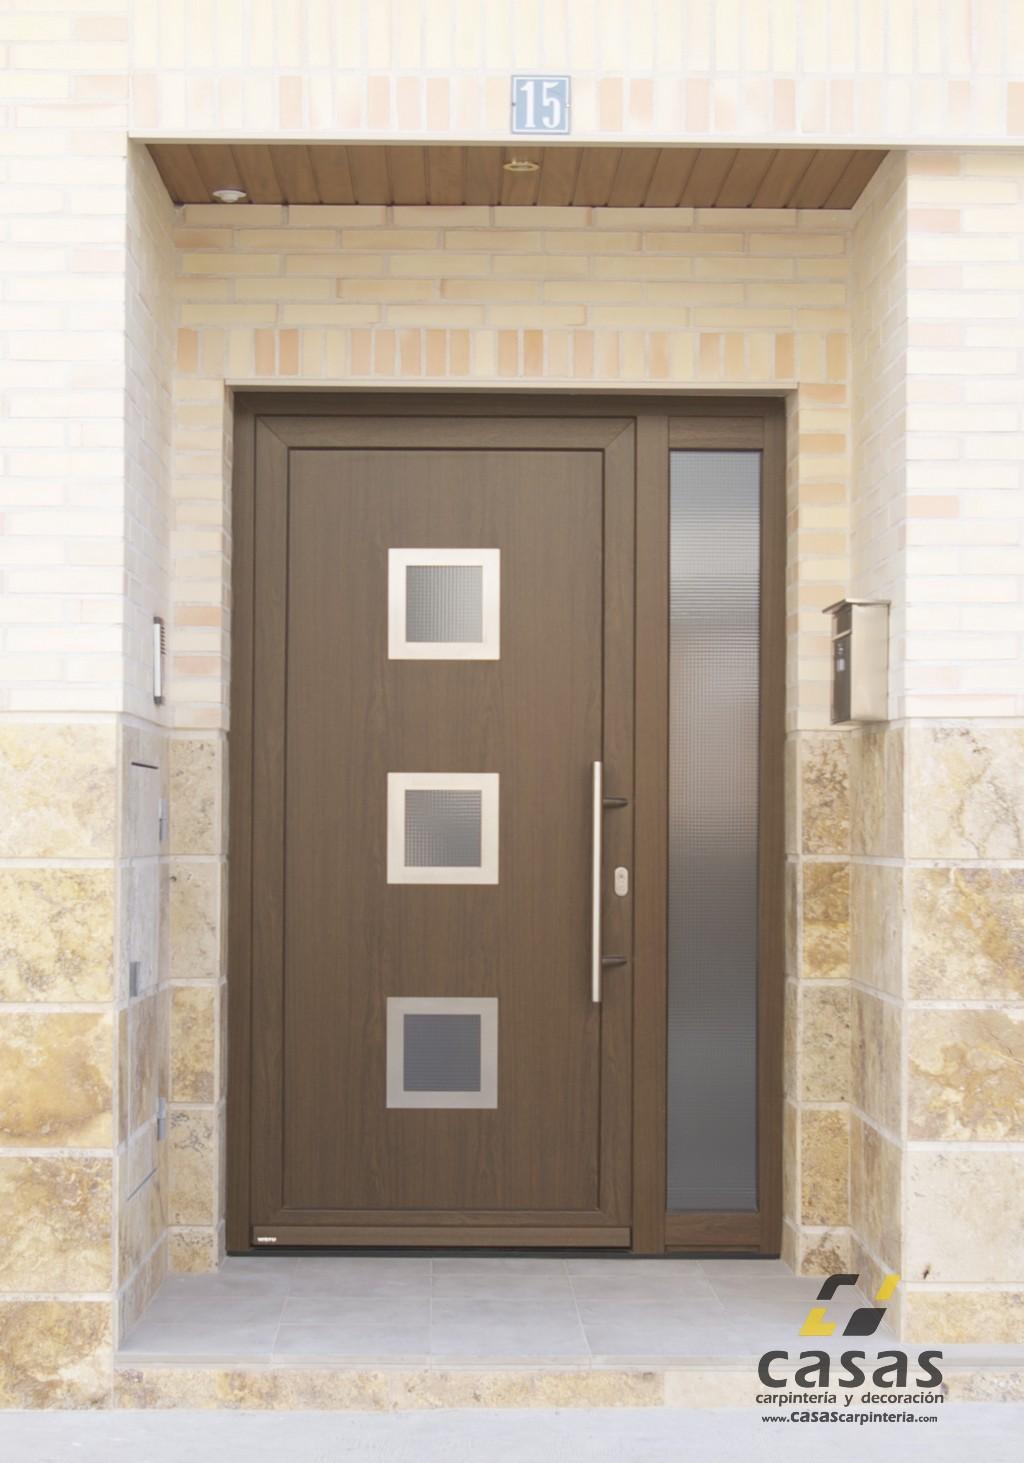 Puertas para casa exterior good great puertas cerrajeria for Puertas para casa entrada principal